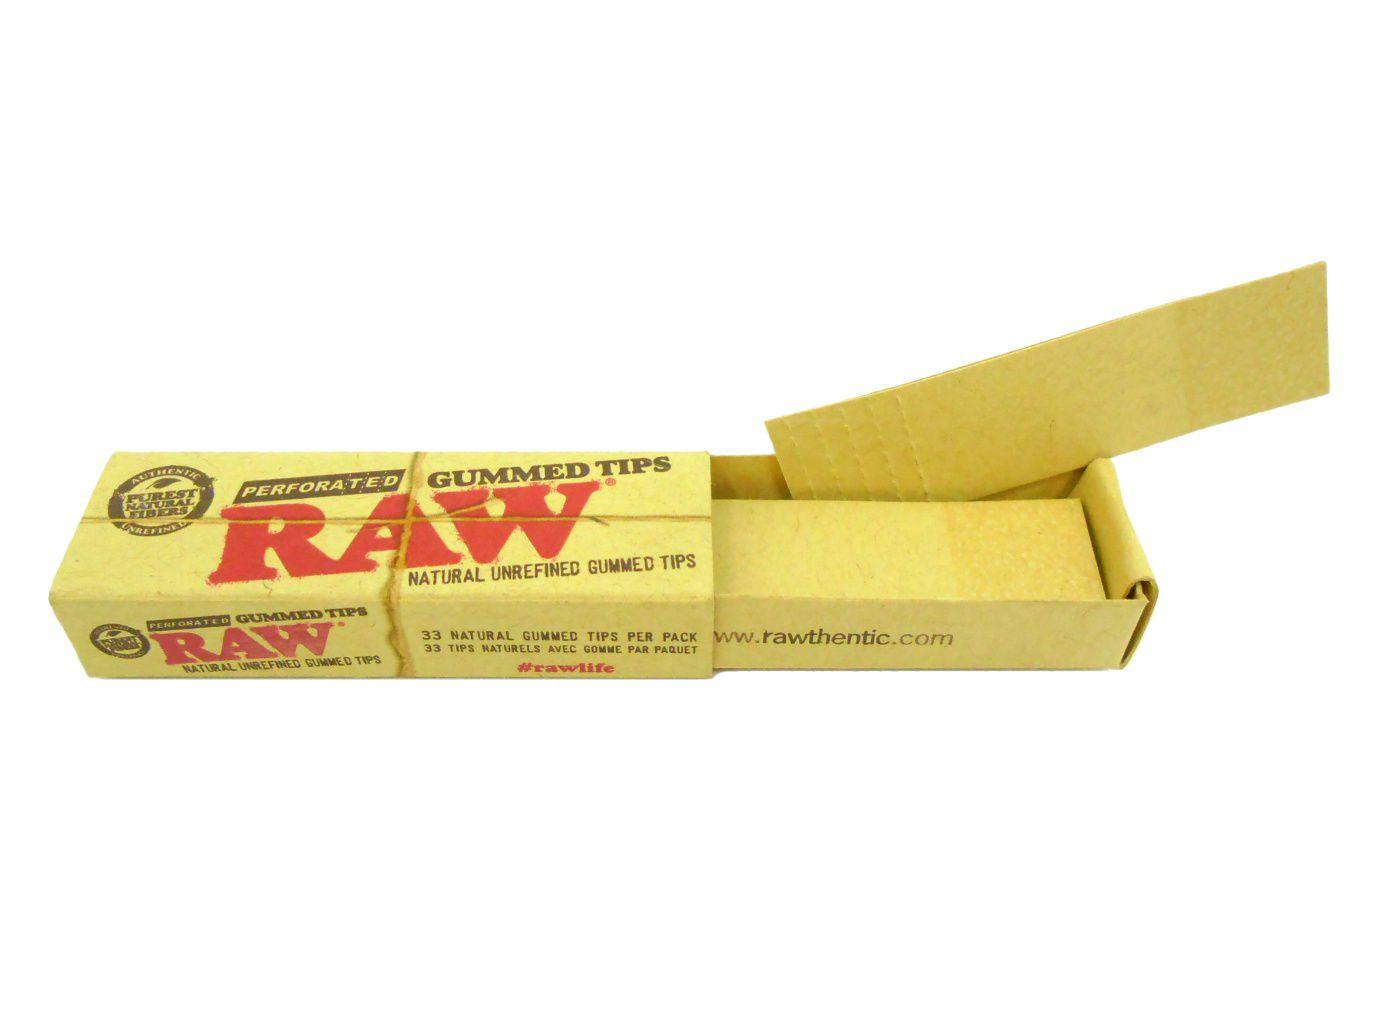 Piteira para cigarro/seda em papel RAW (marrom) - Bloco com 33 piteiras descartáveis com goma.